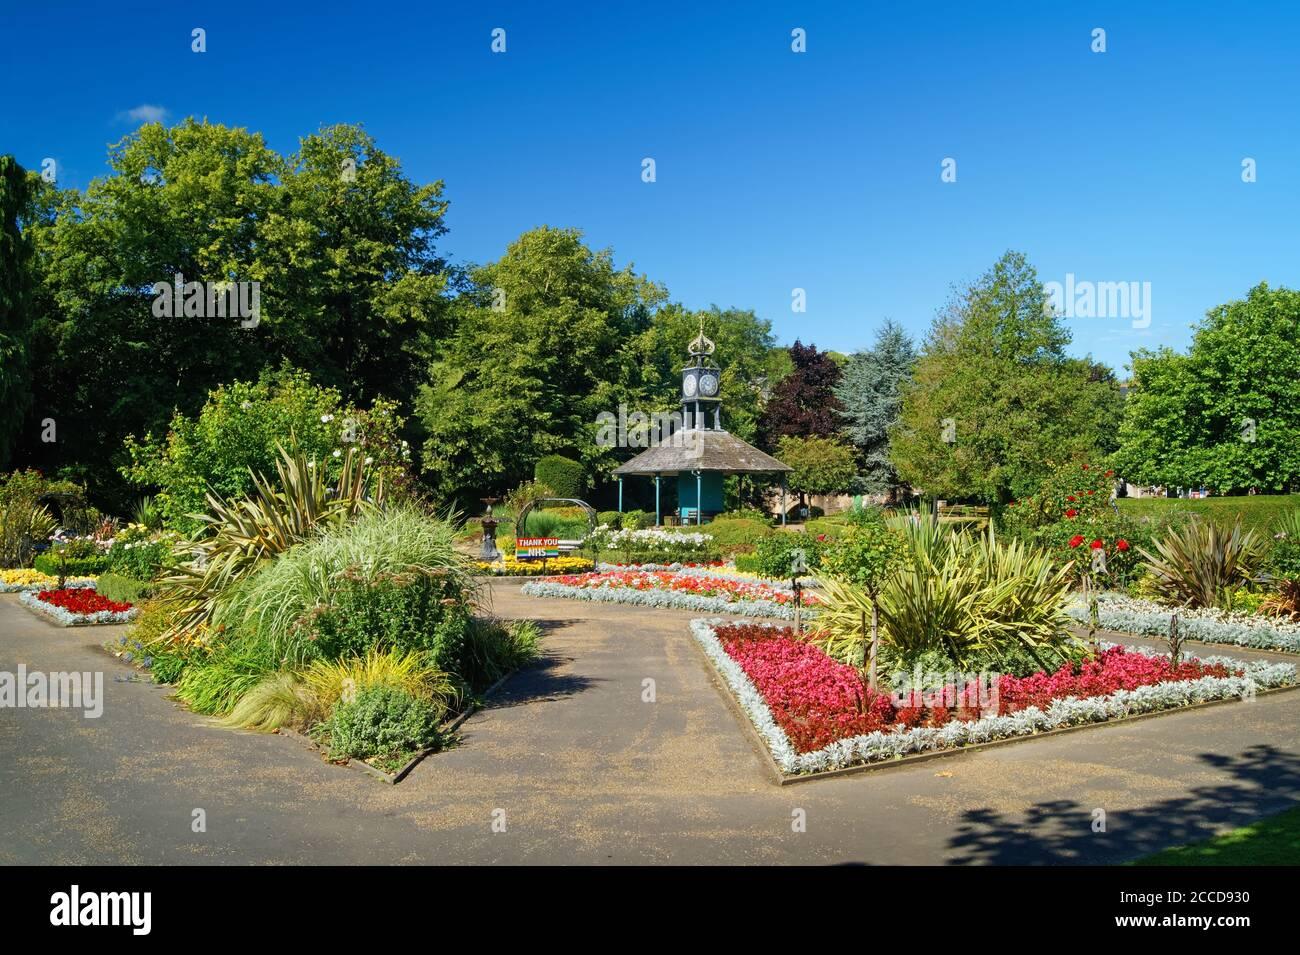 Royaume-Uni, Derbyshire, Matlock, Hall Leys Park Banque D'Images